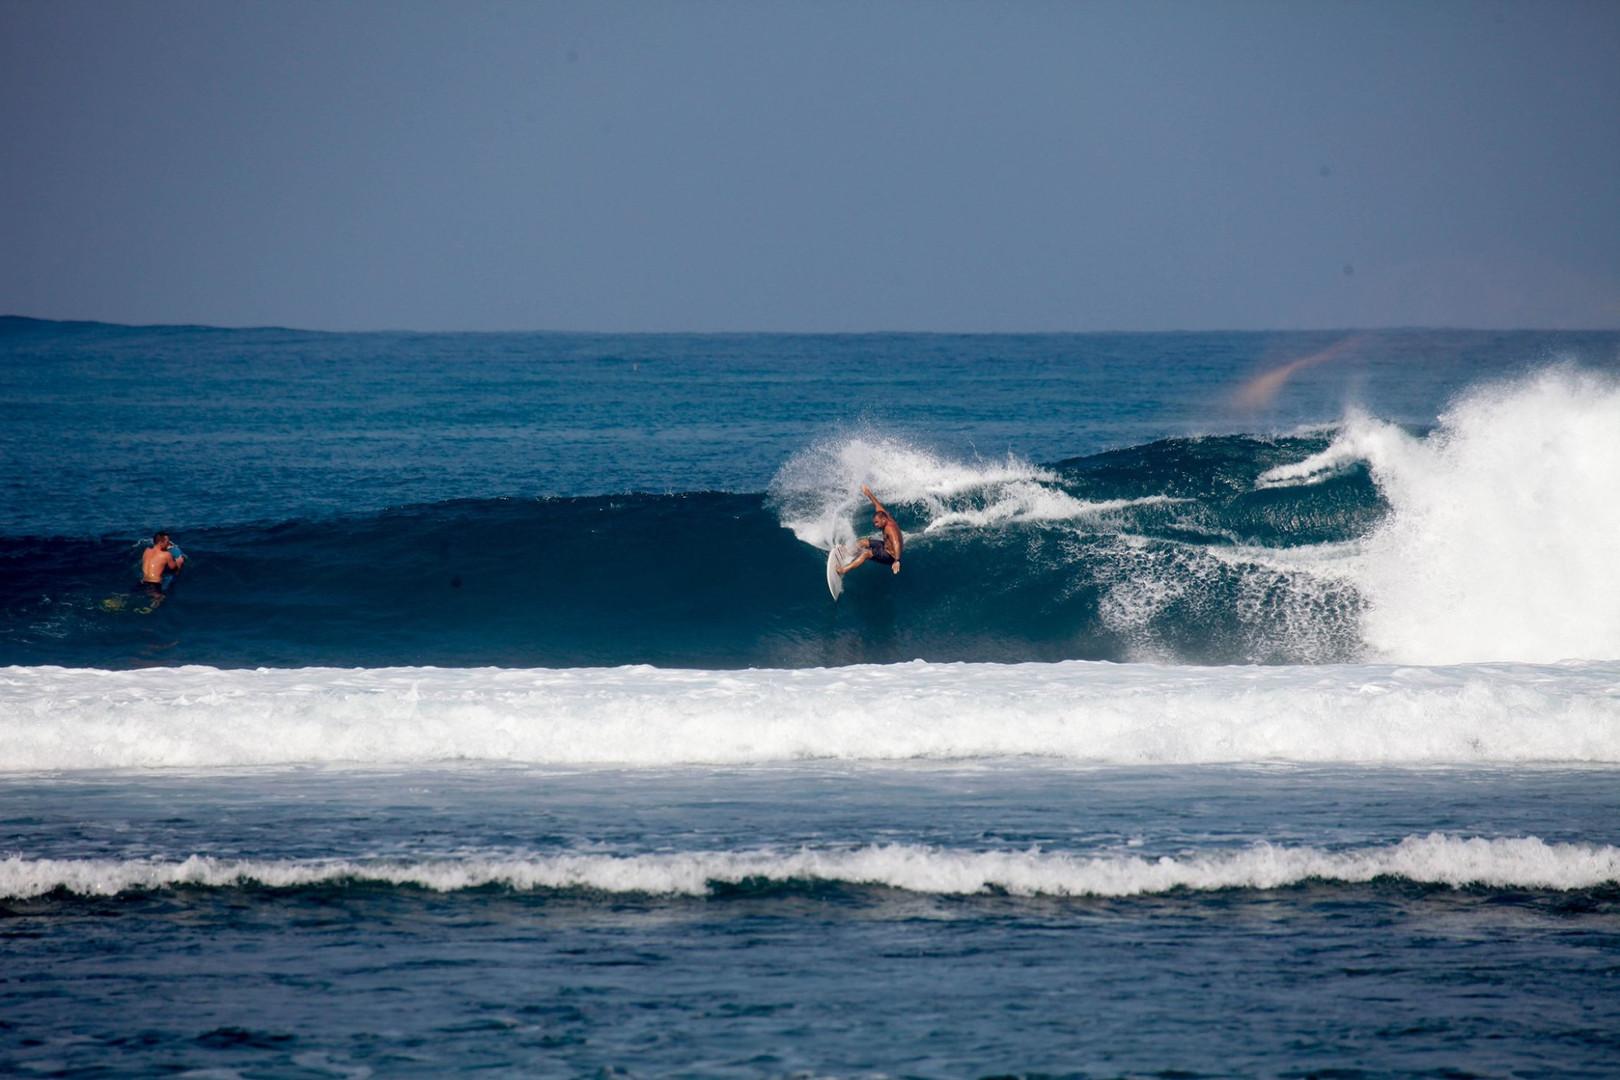 south-sumatra point-break-right-surf.jpg